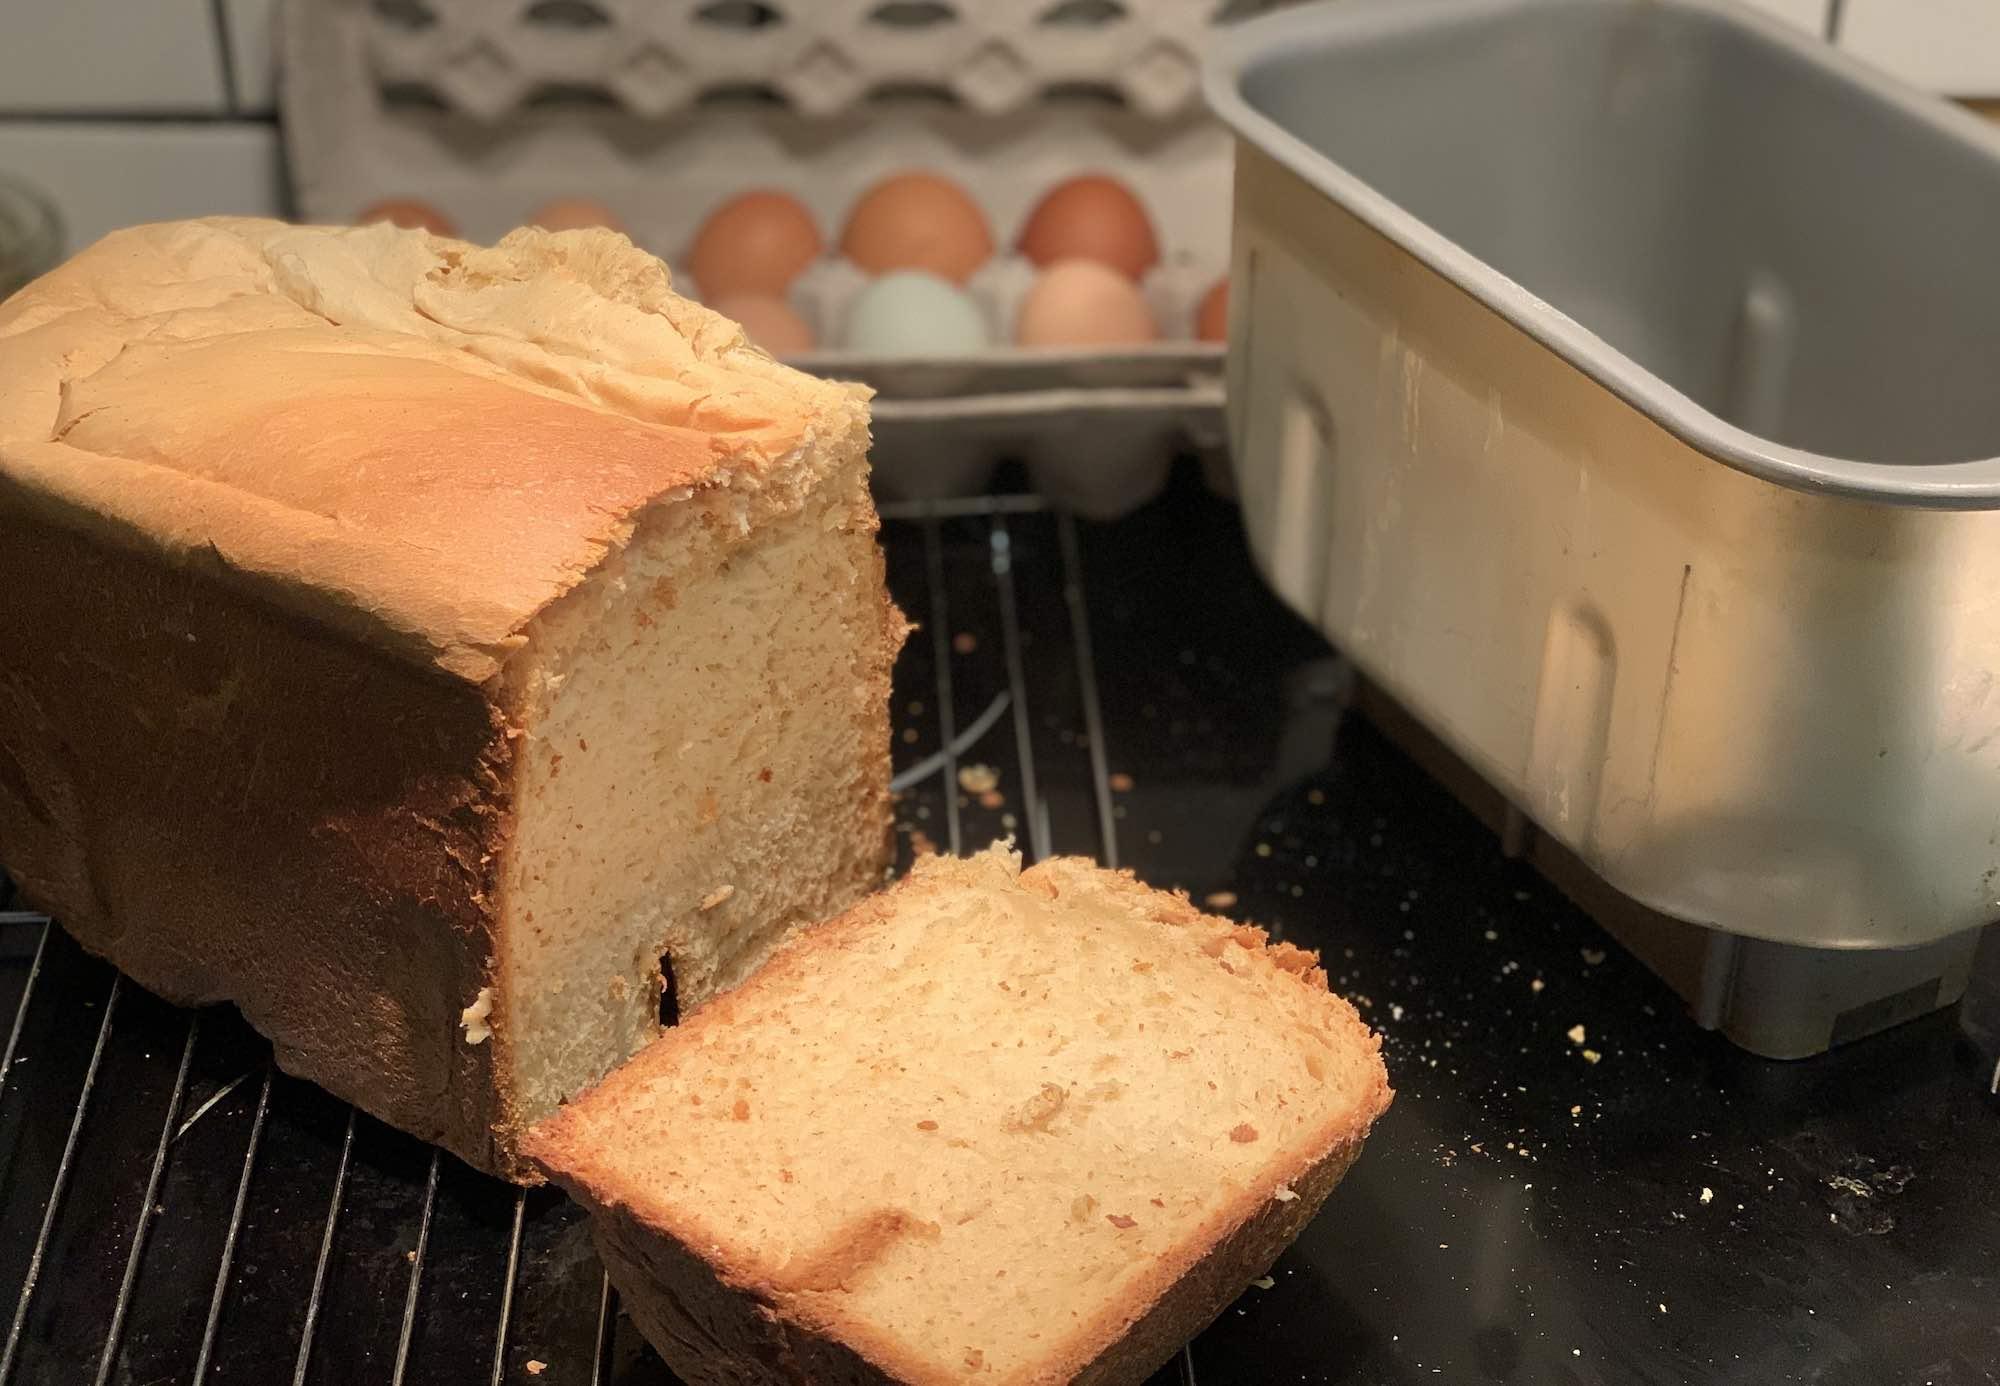 Zojirushi Home Bakery Supreme Breadmaker review